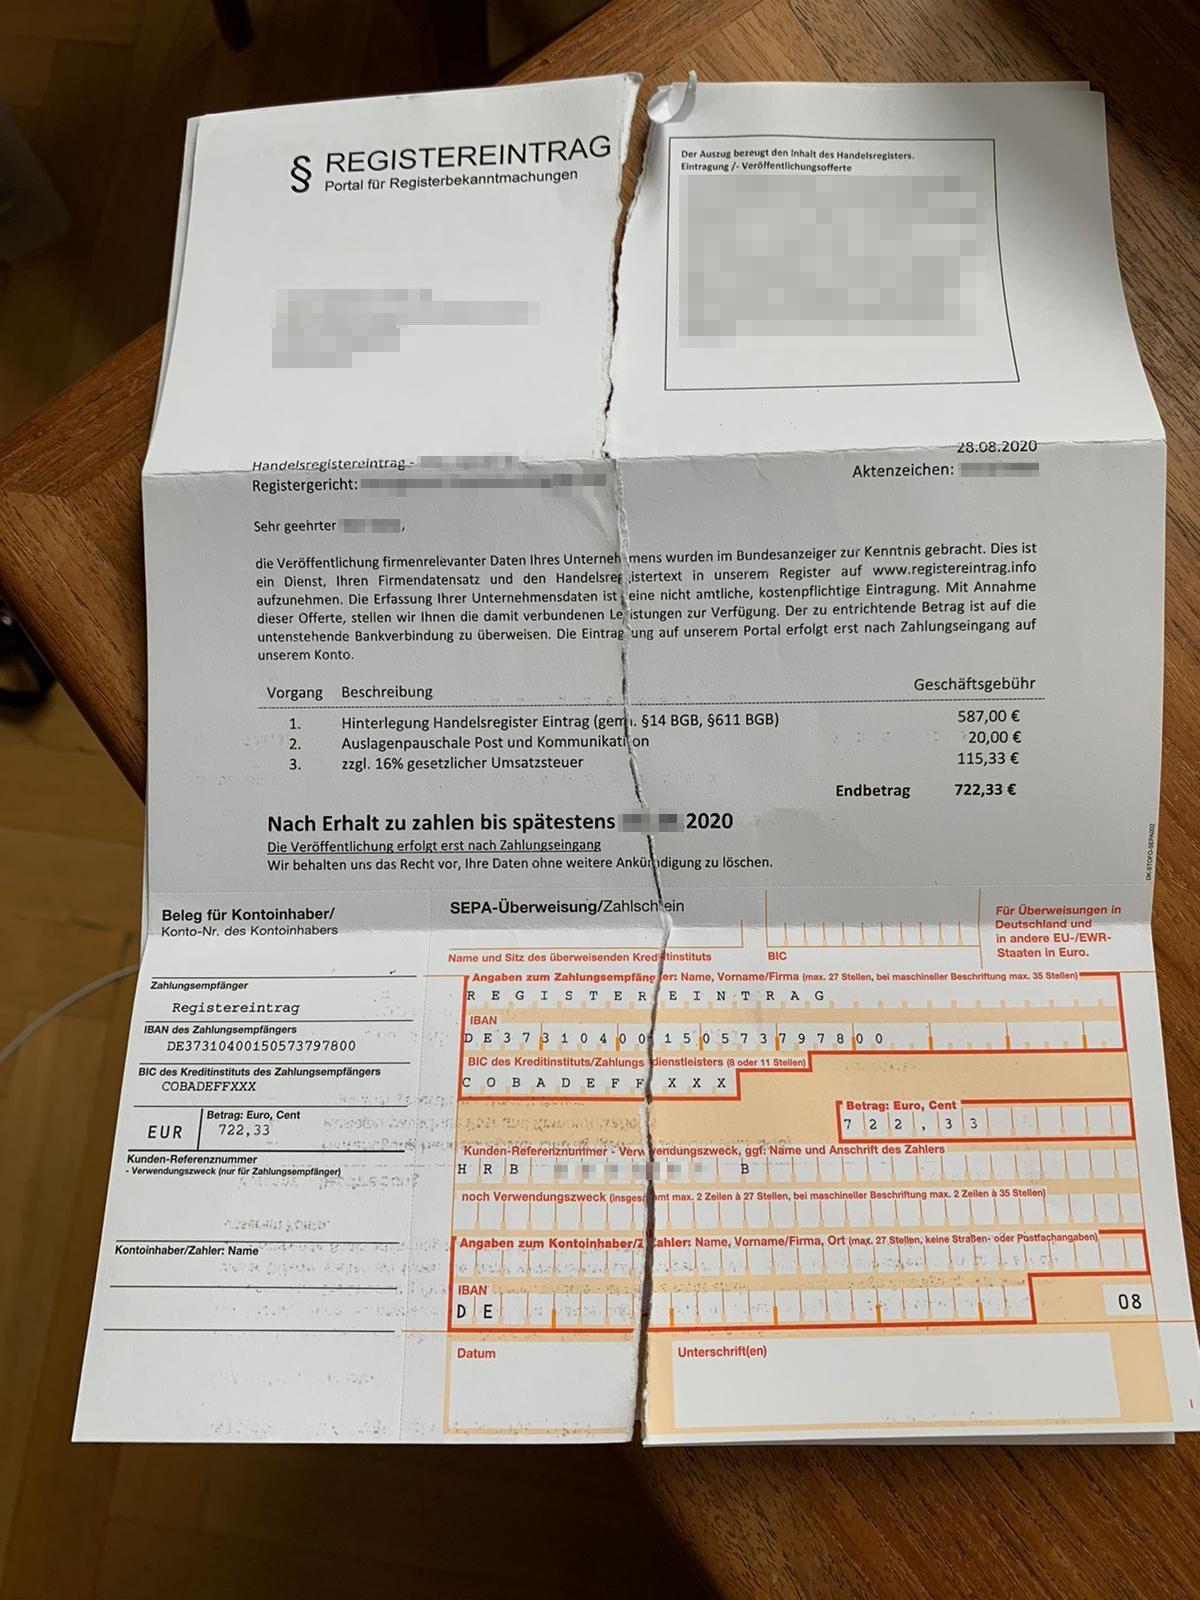 So sieht eine gefälschte Rechnung der Registereintrag.info aus